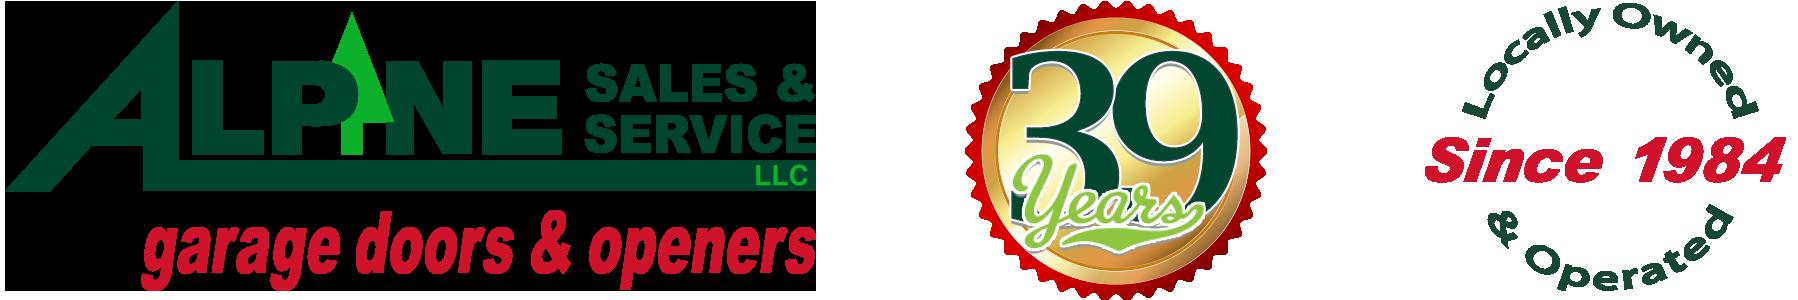 Alpine Sales Service Green Bay Garage Door Experts